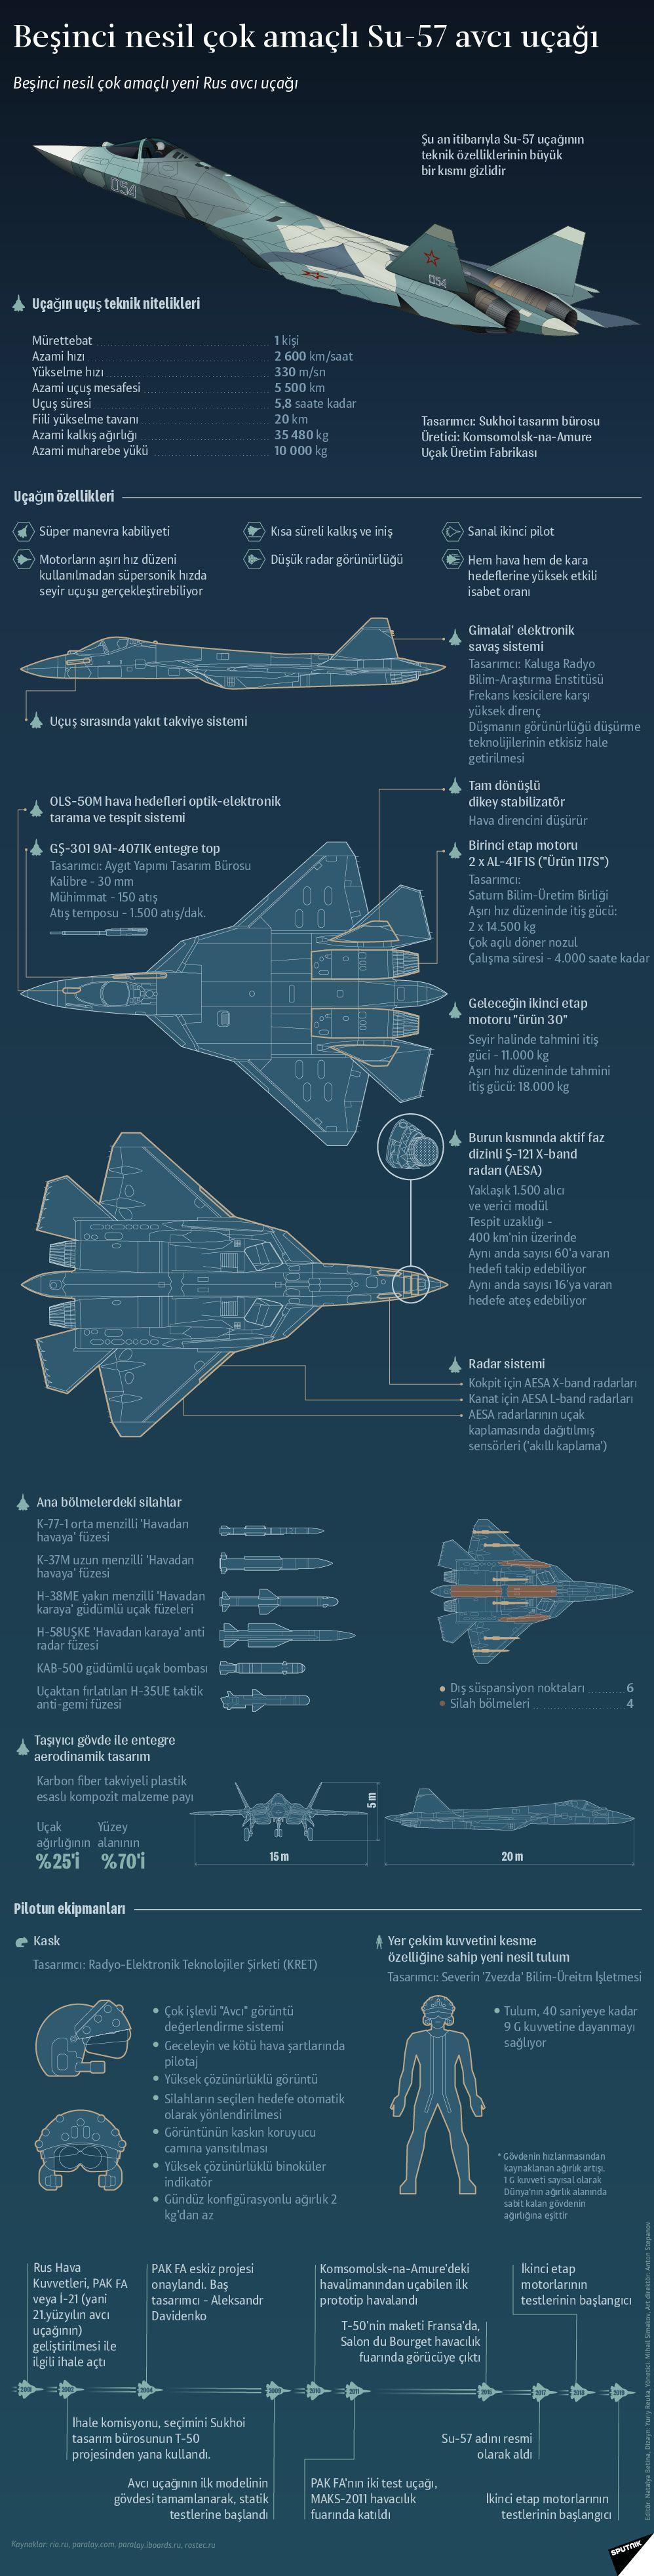 5.Nesil Su 57 Avcı Uçağının Özellikleri